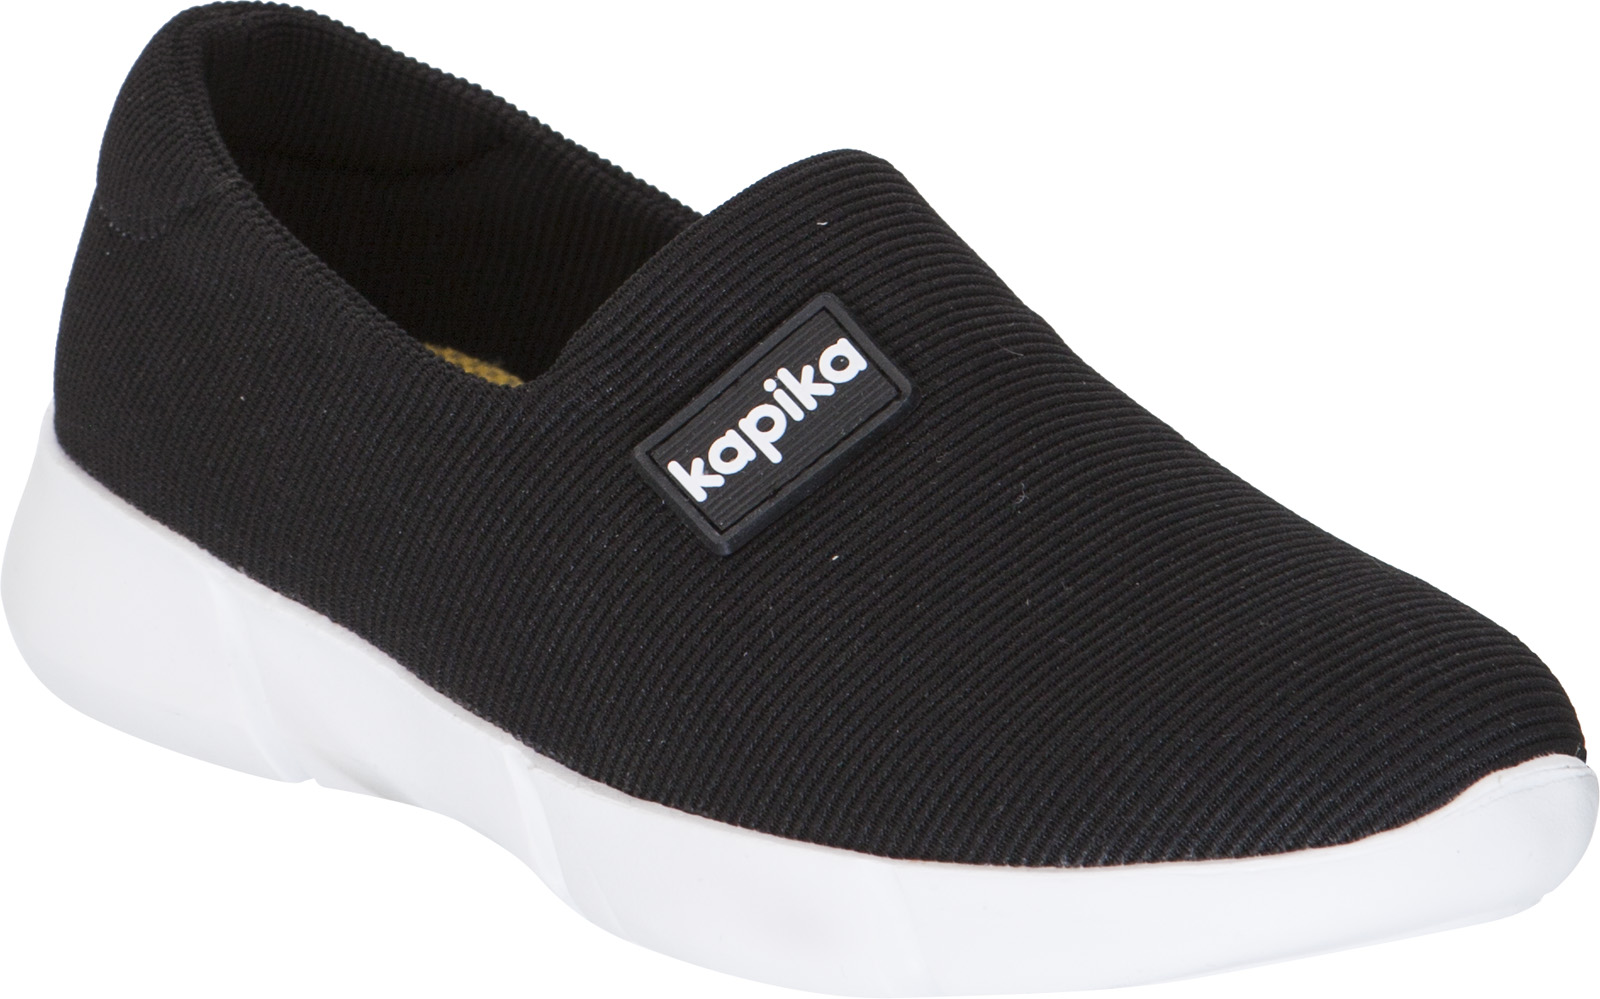 Кроссовки для девочки Kapika, цвет: черный. 73276-5. Размер 3673276-5